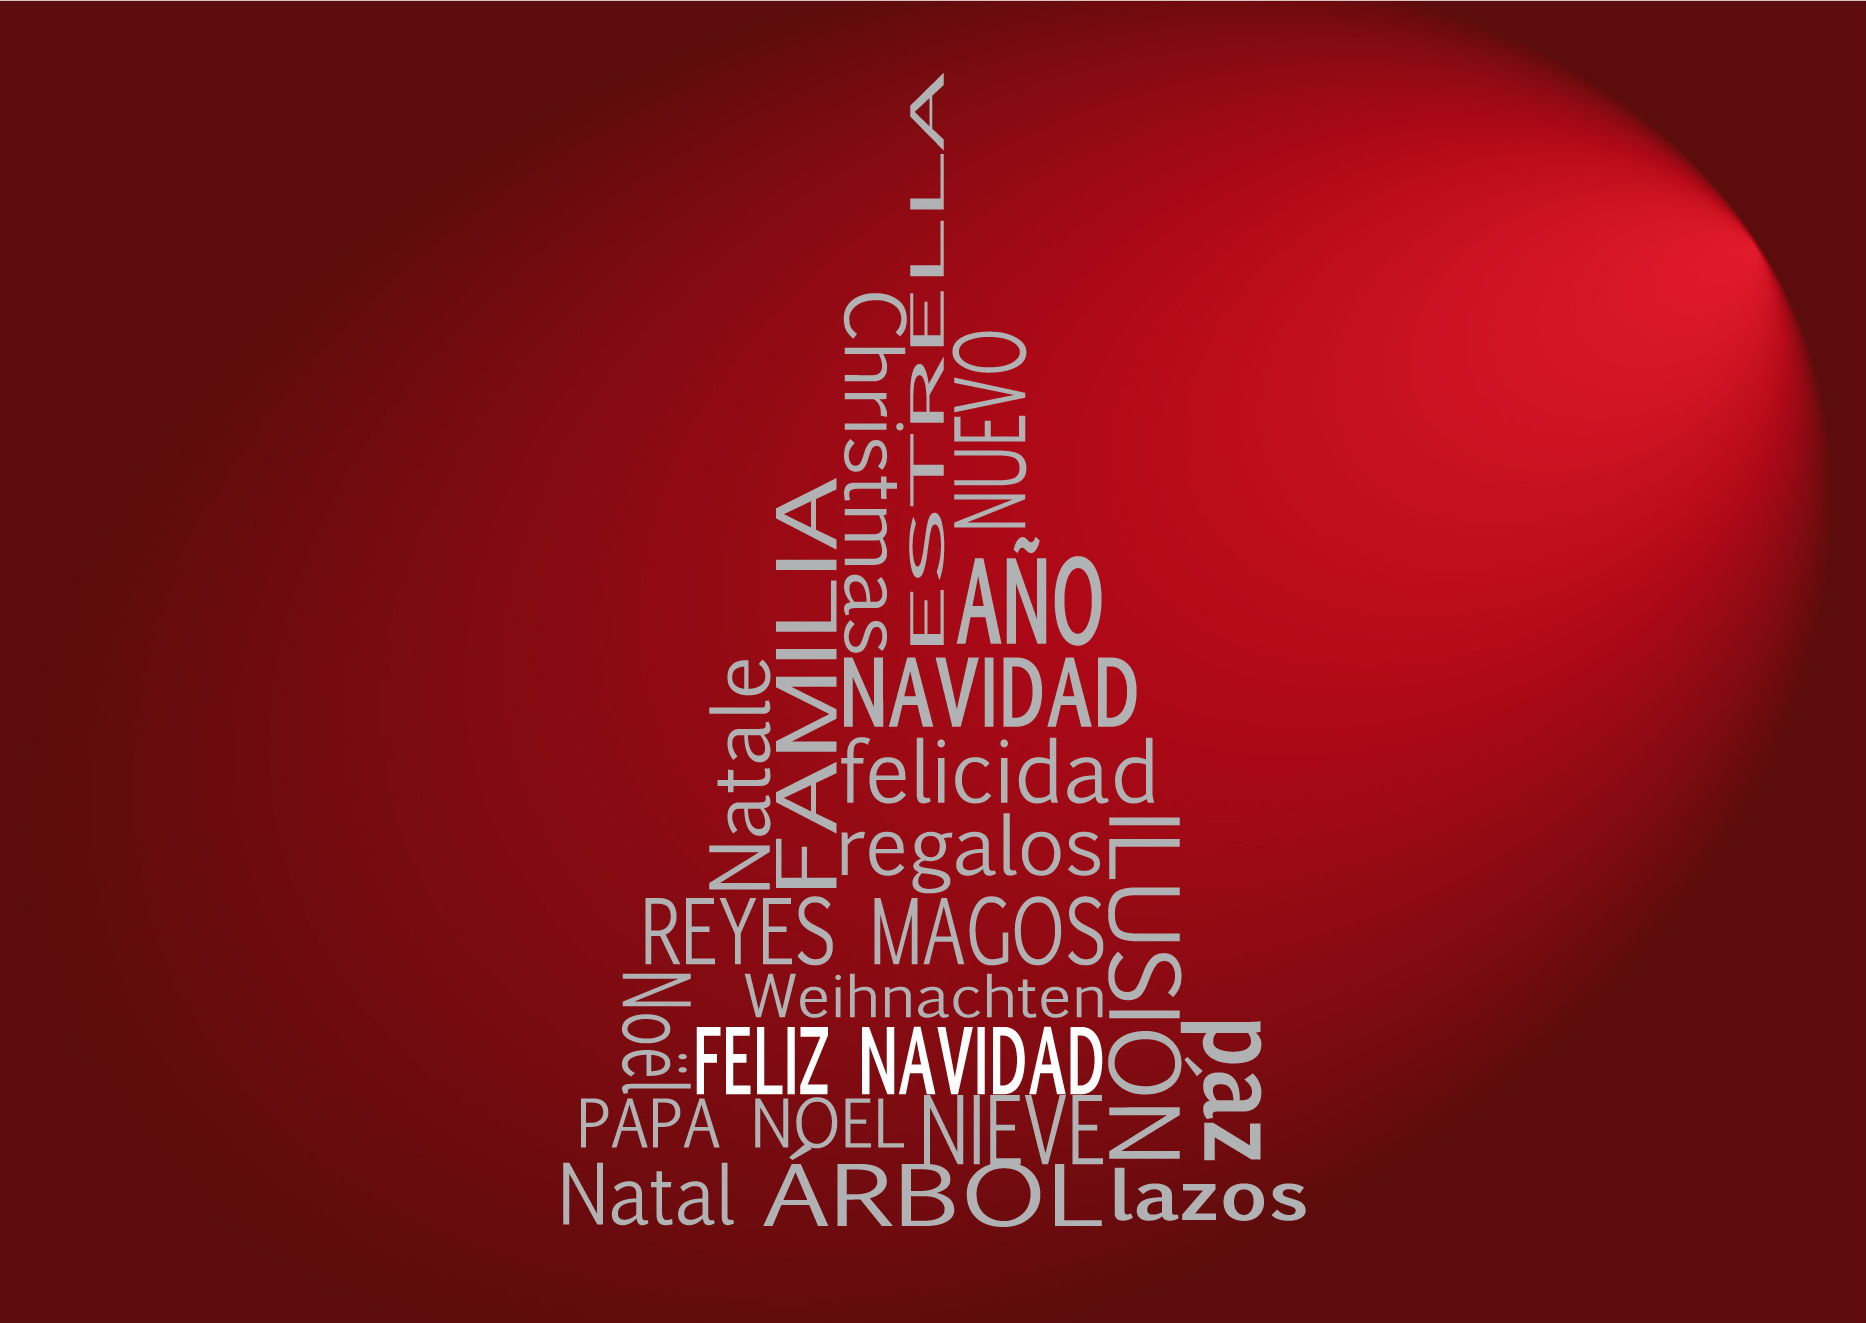 Tarjetas de navidad tarjetas navide as para felicitar las - Tarjetas felicitacion navidad ...